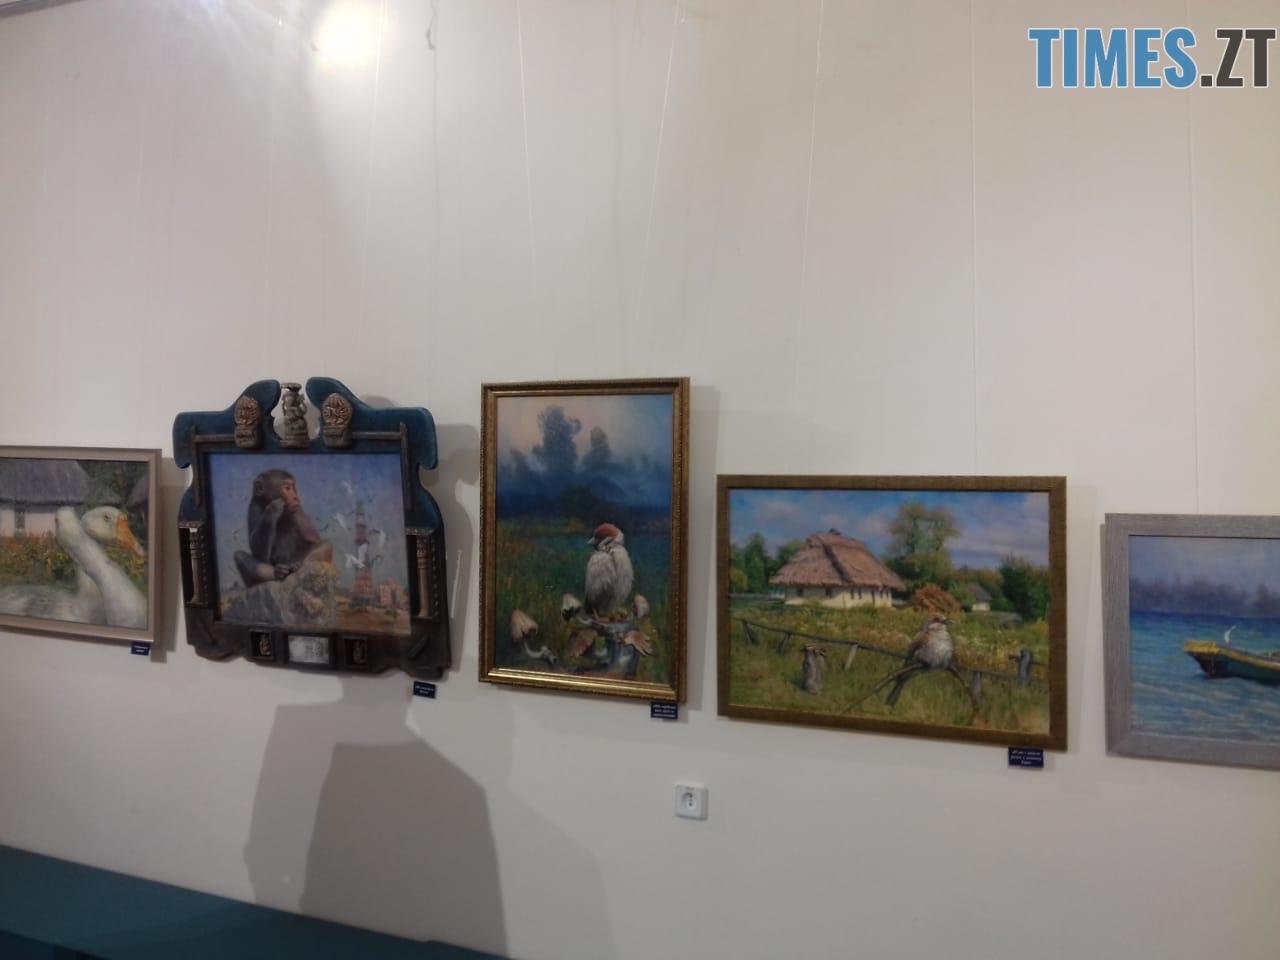 WhatsApp Image 2018 09 18 at 21.12.14 - «Наші лікарі»: житомирський художник презентував картини, на яких не медики, а тварини (ФОТО)